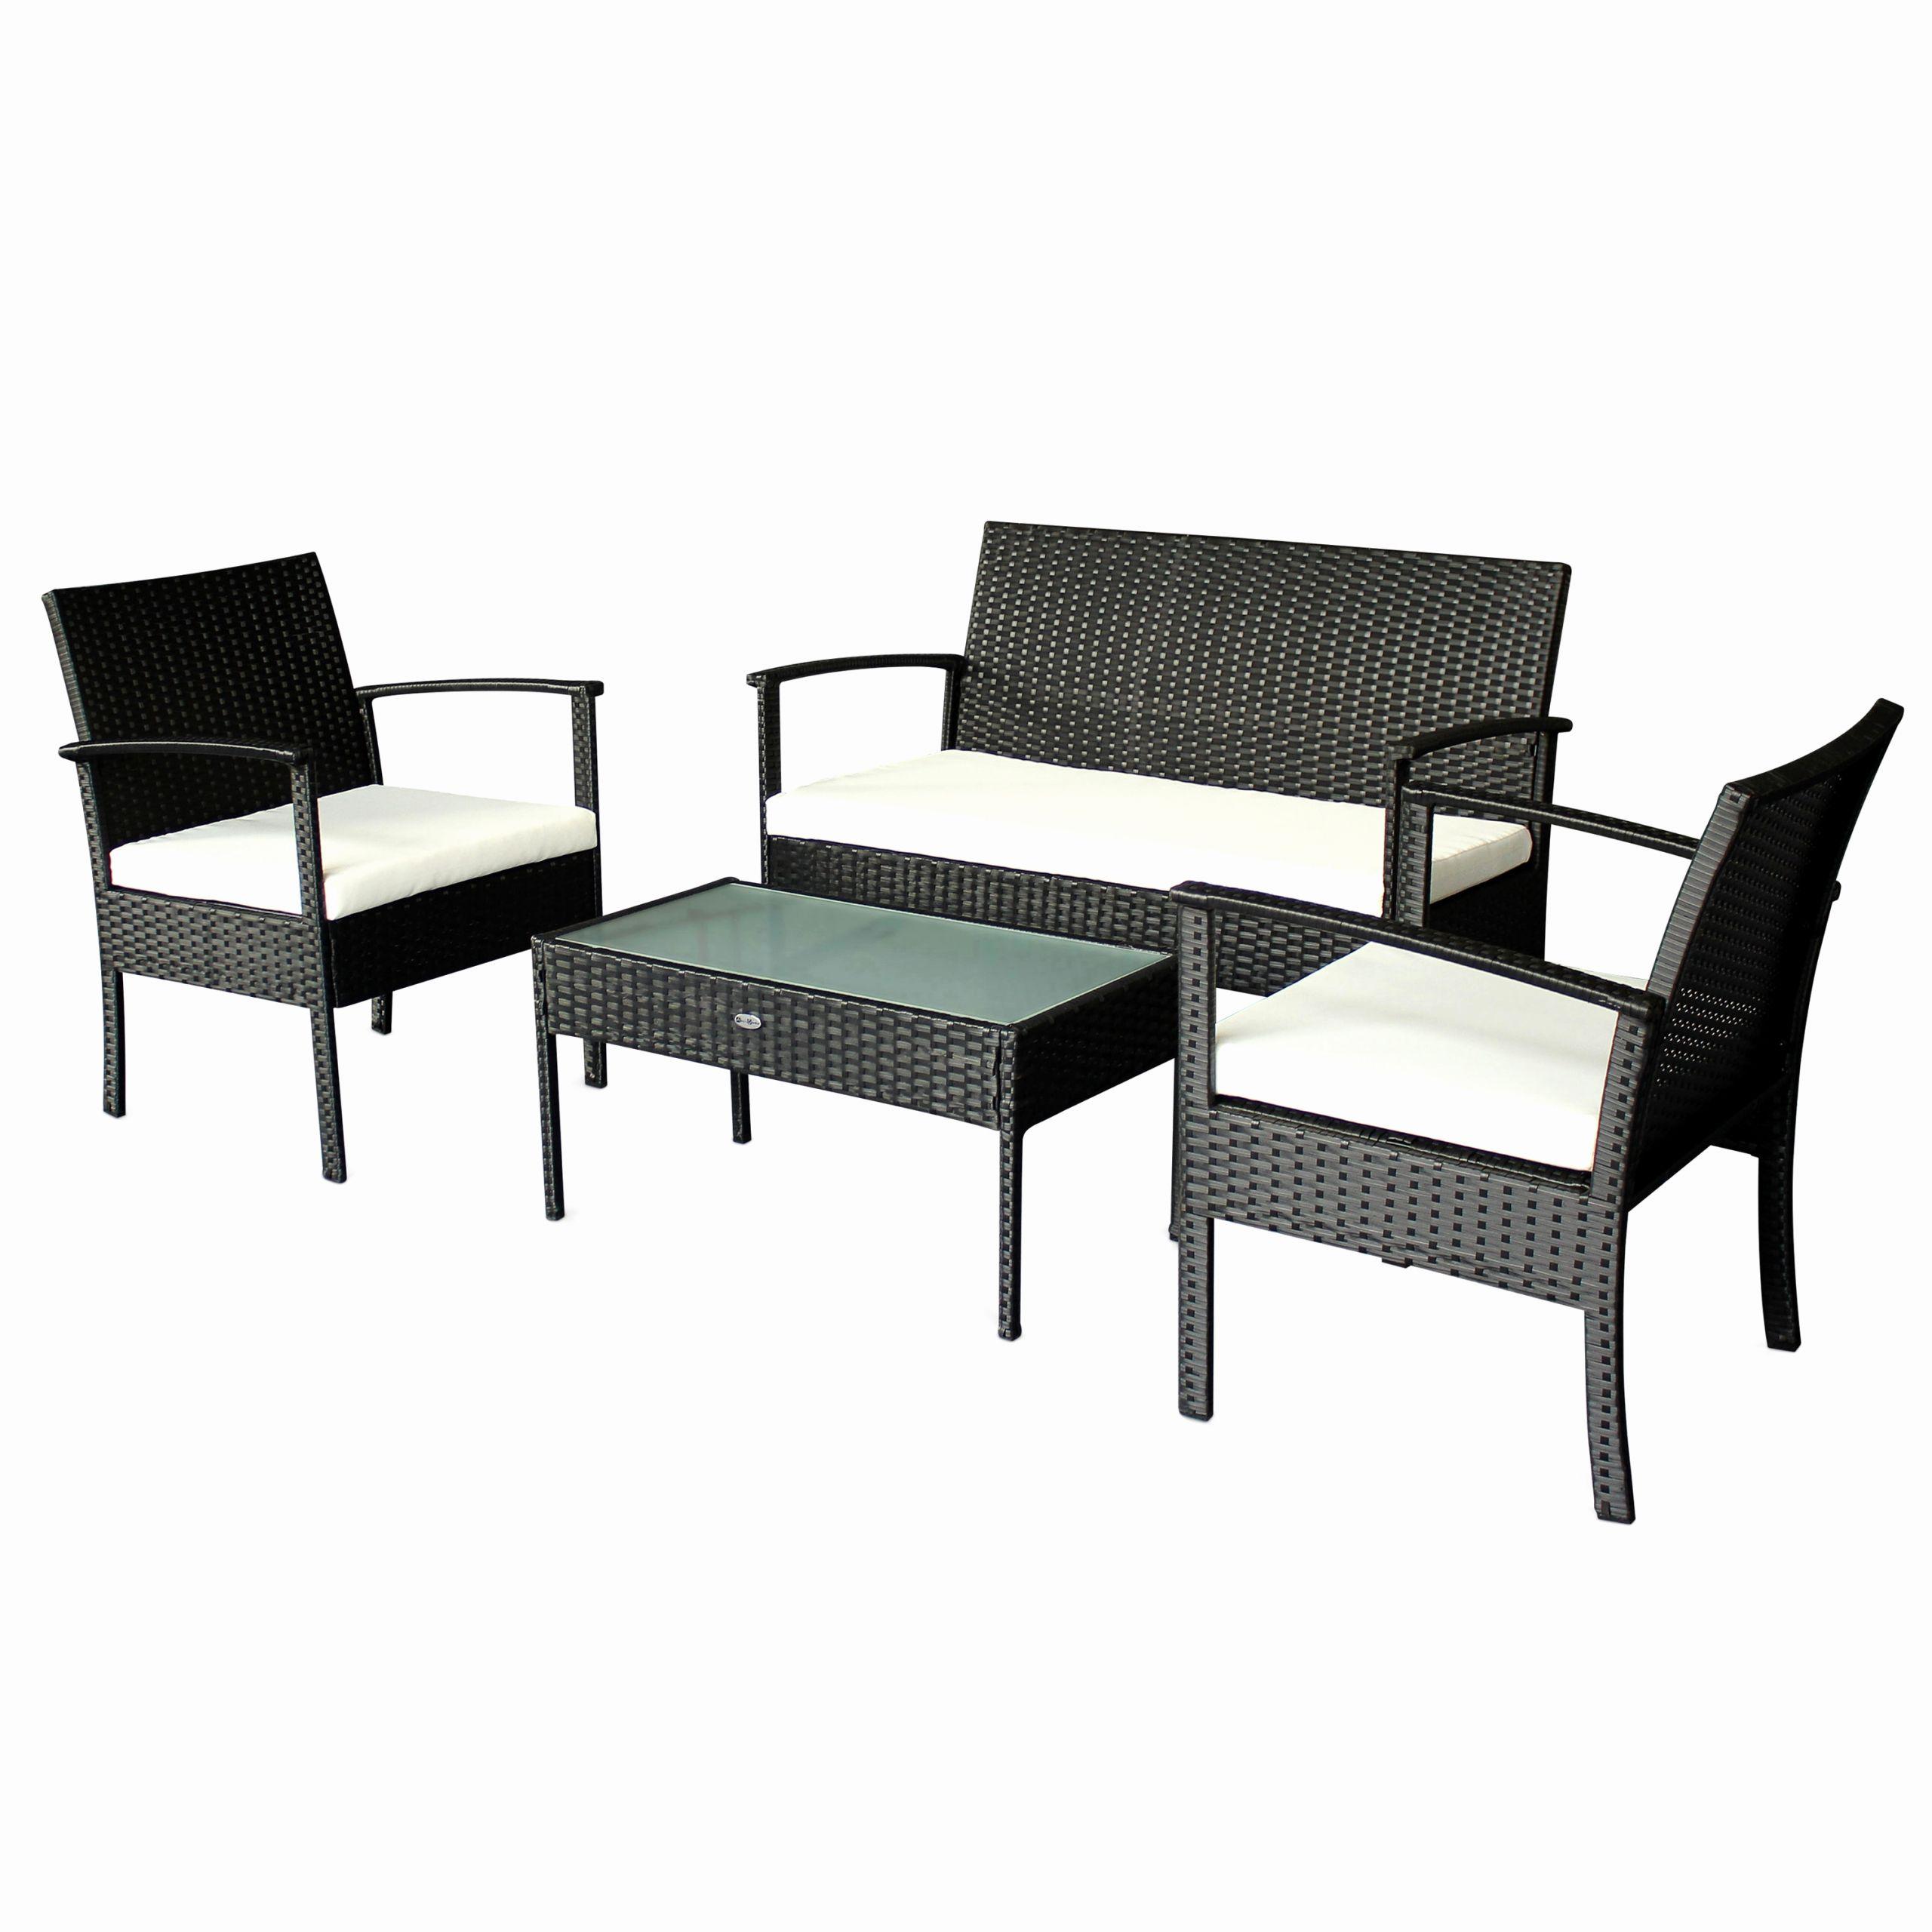 table de salon de jardin leclerc genial abri de jardin metal leclerc nouveau s leclerc promo luxe de table de salon de jardin leclerc scaled